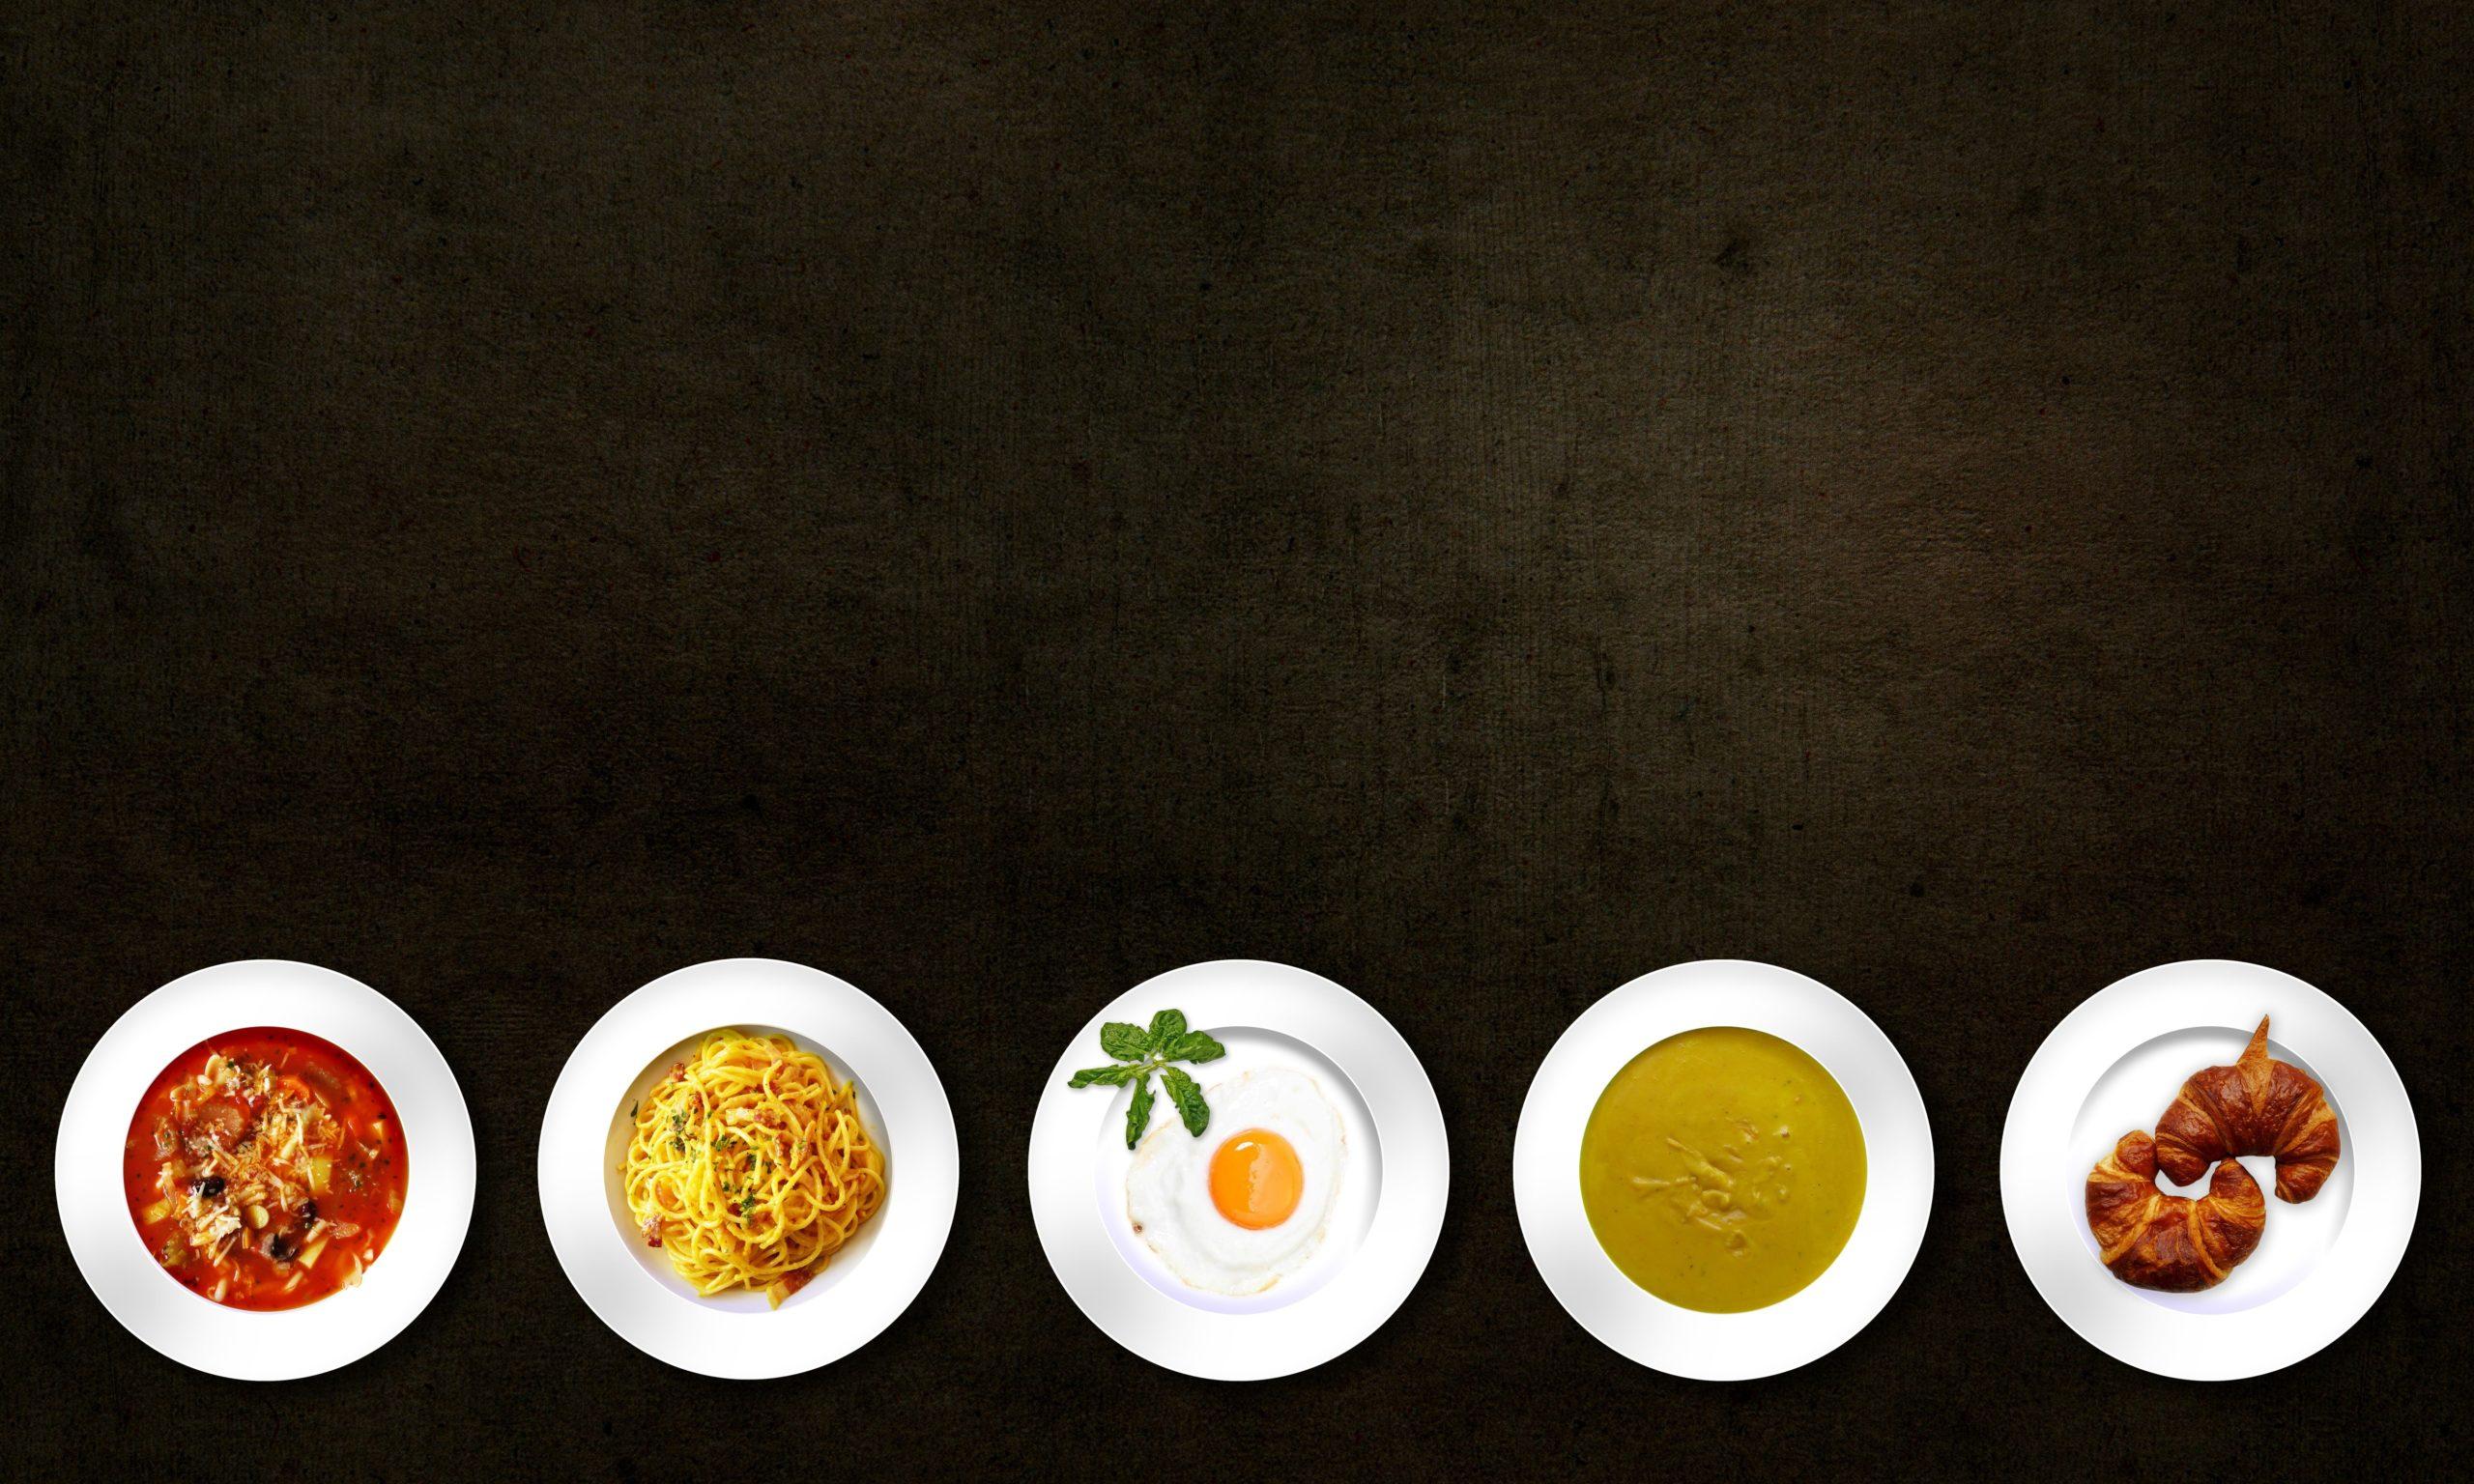 I nuovi CAM per ristorazione collettiva e derrate alimentari